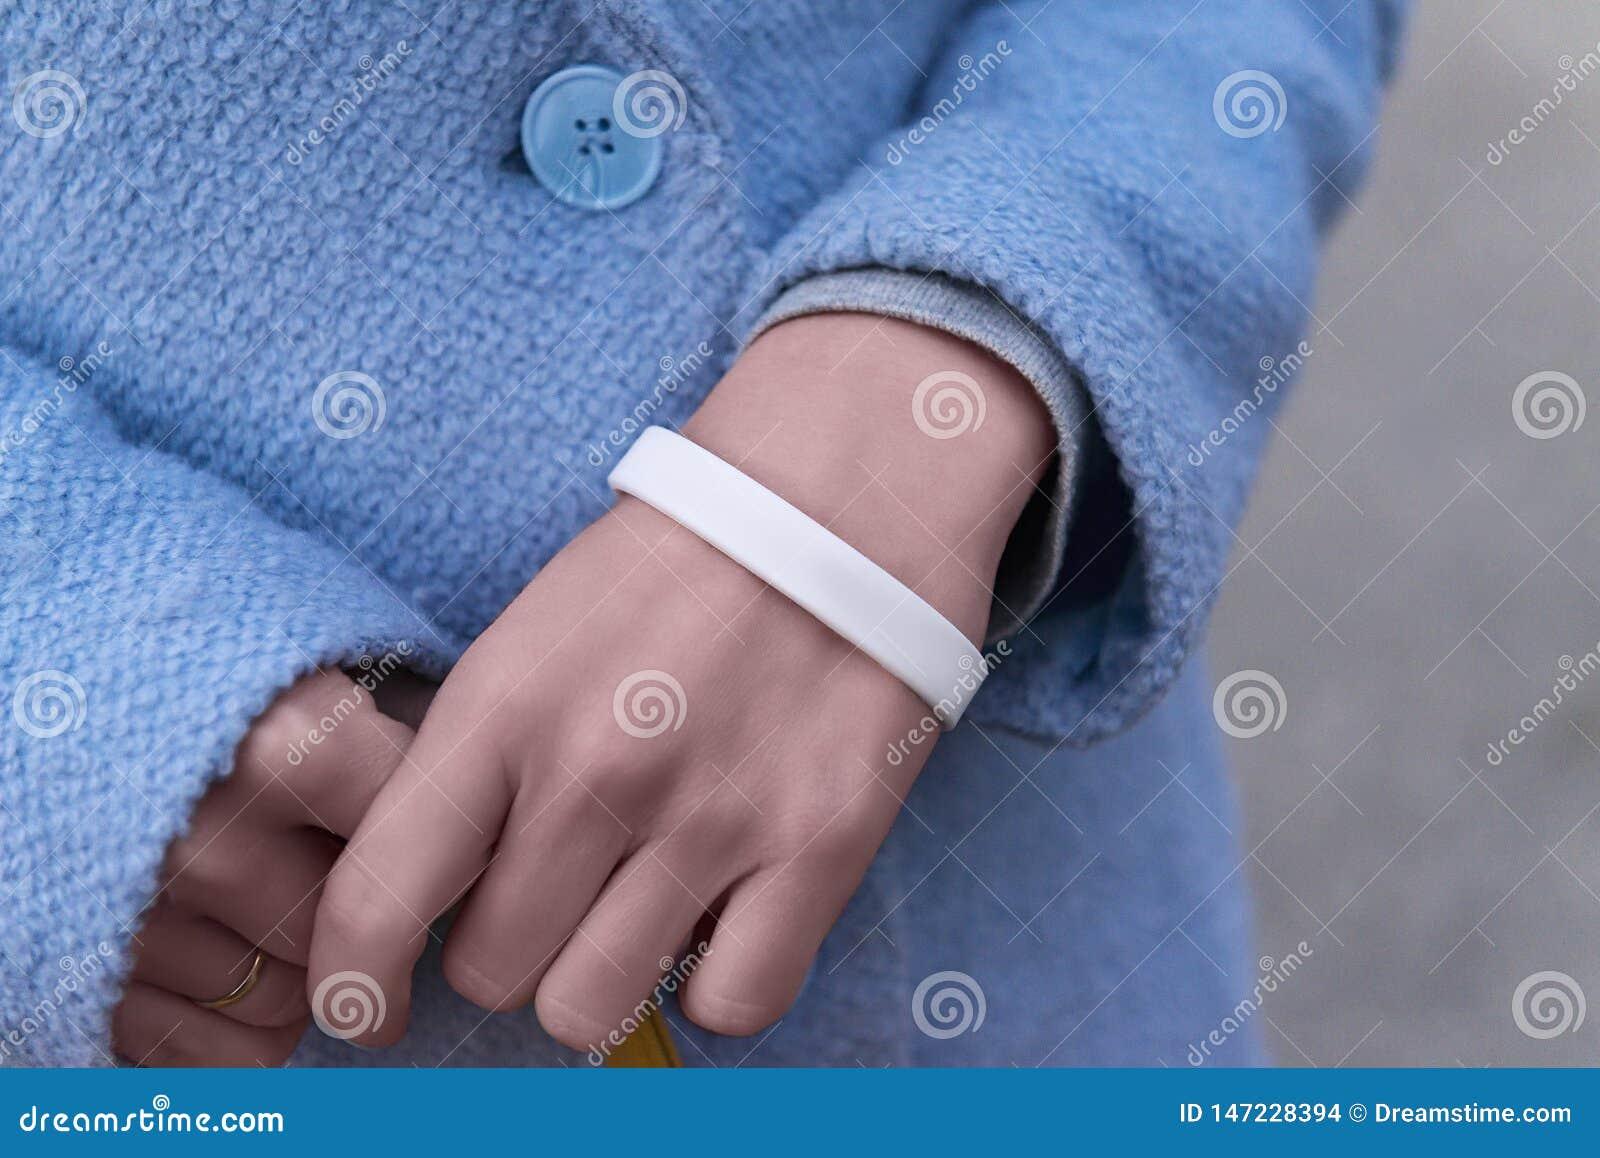 Hände mit weißem Armband